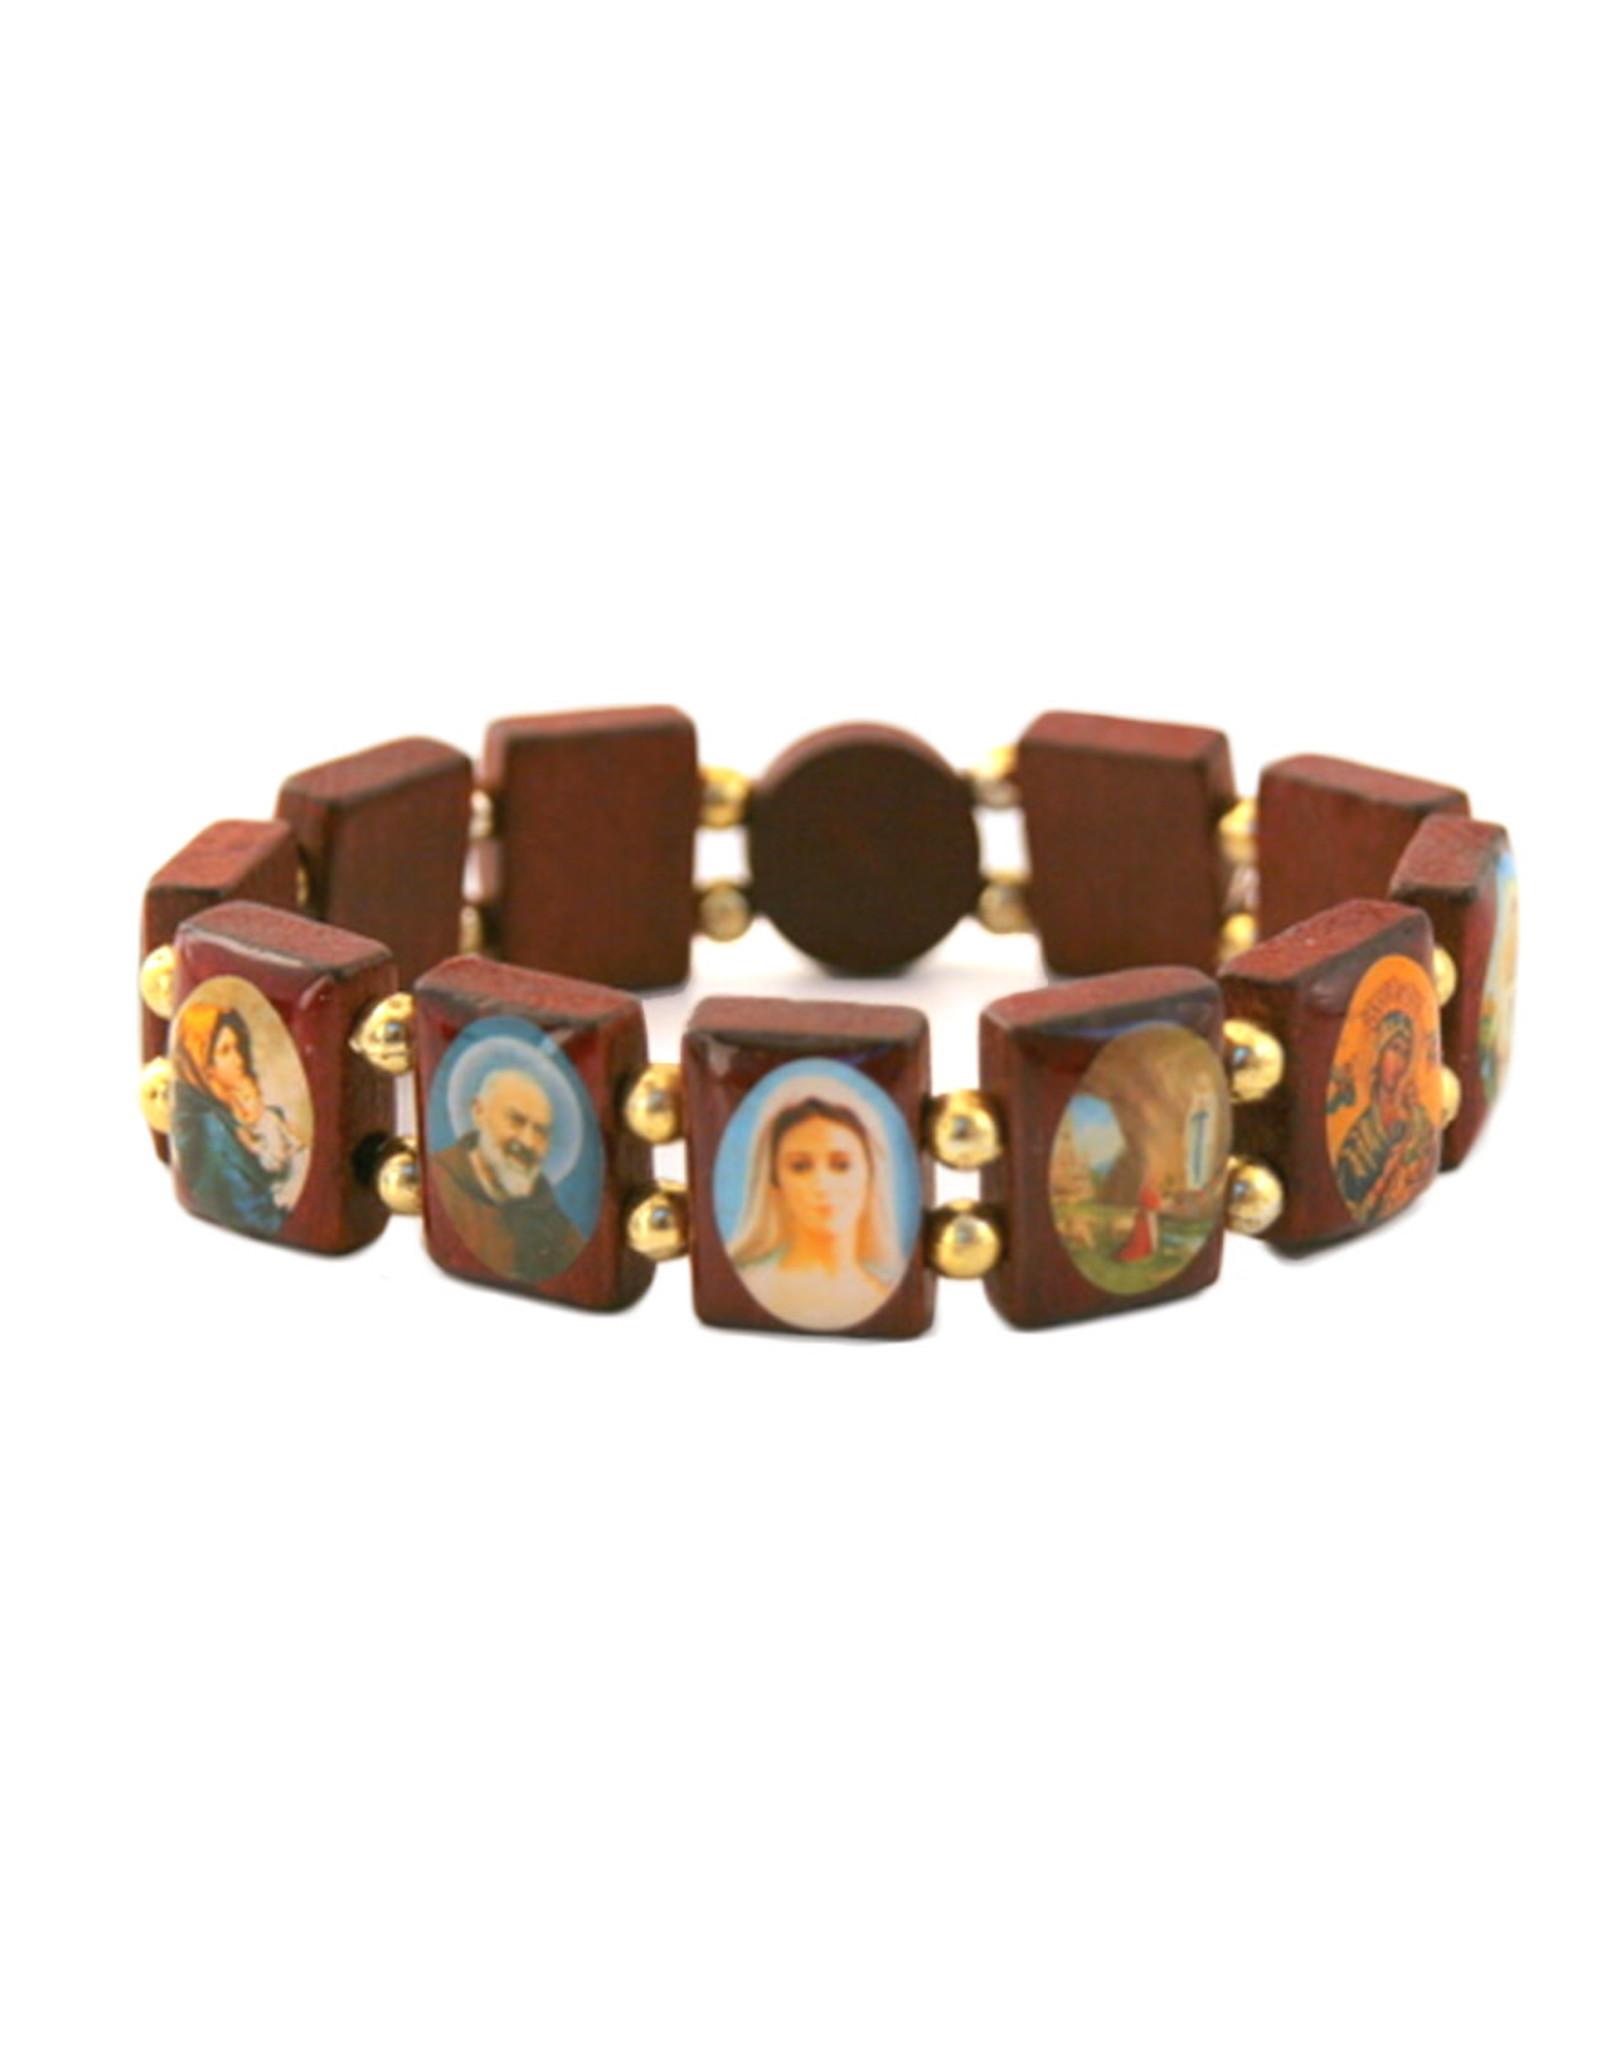 Bracelet des saints en bois